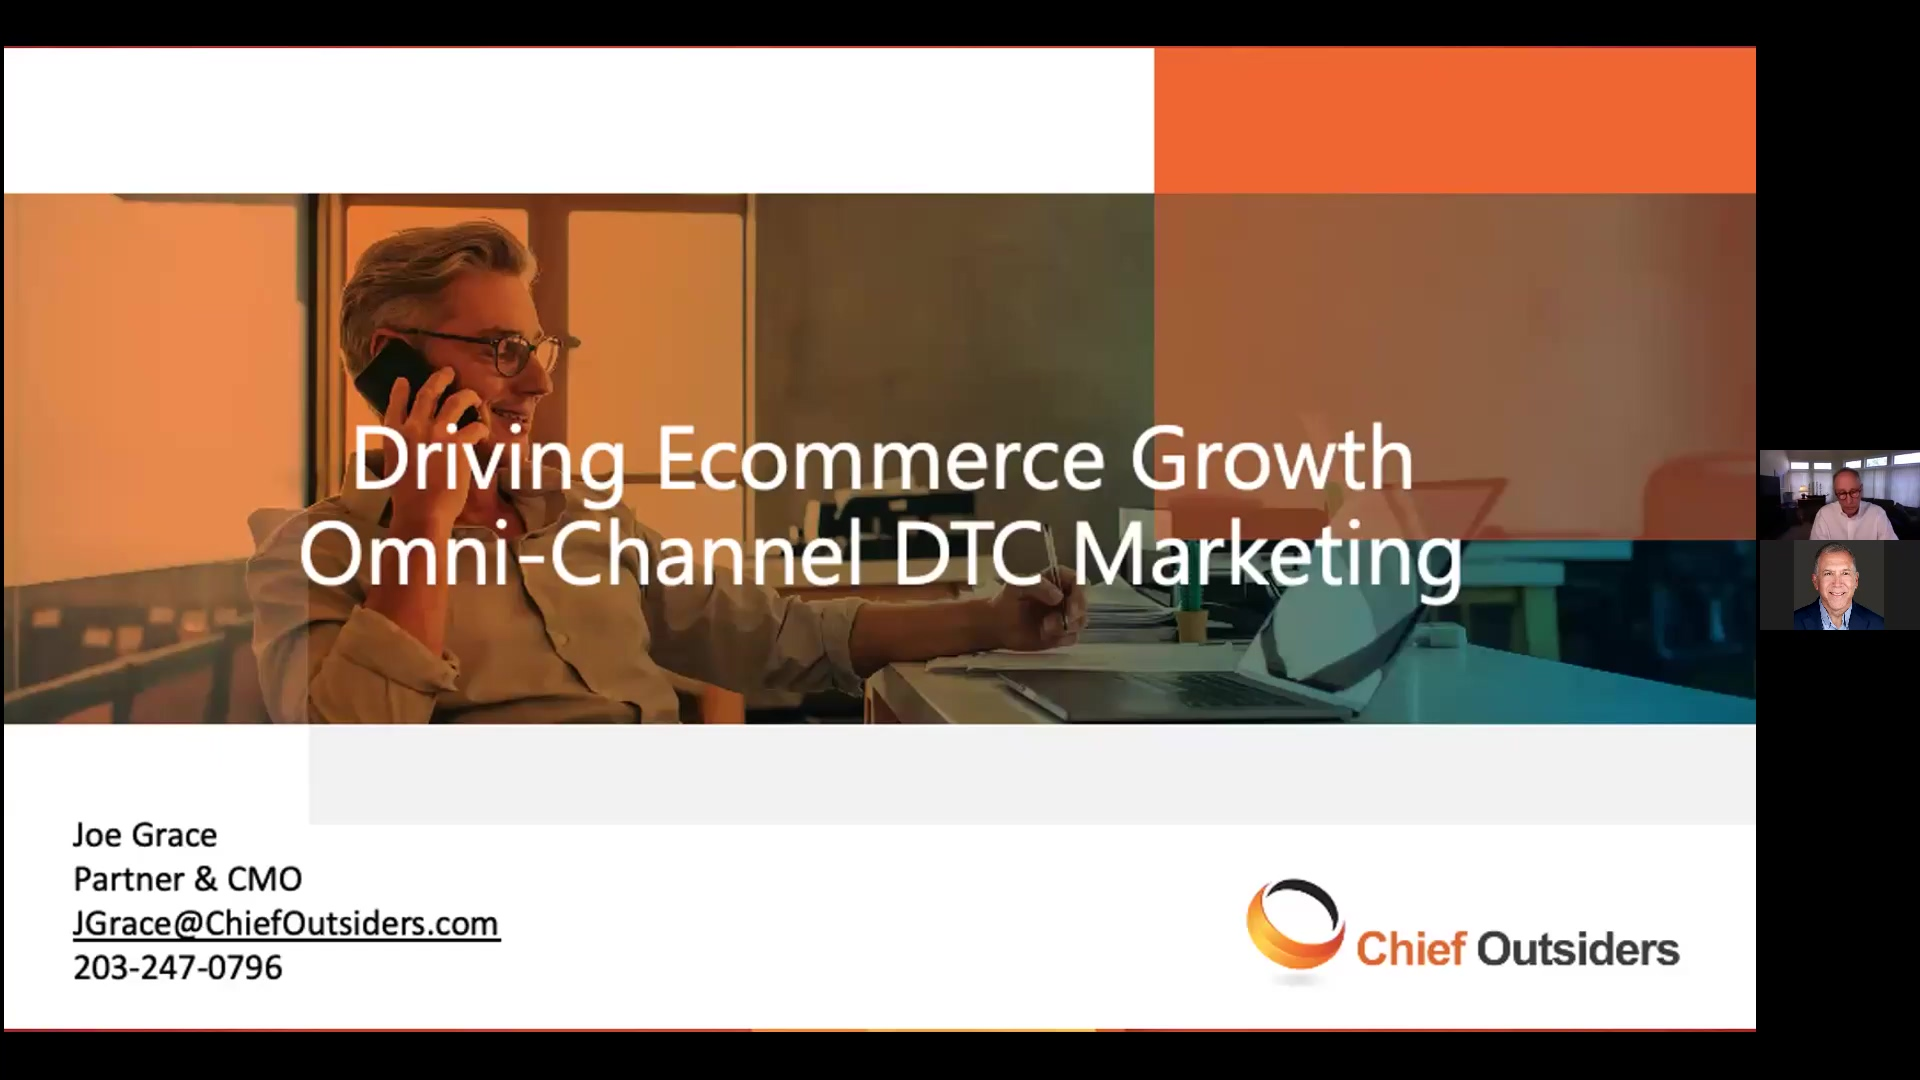 omni-channel-dtc-marketing-webinar